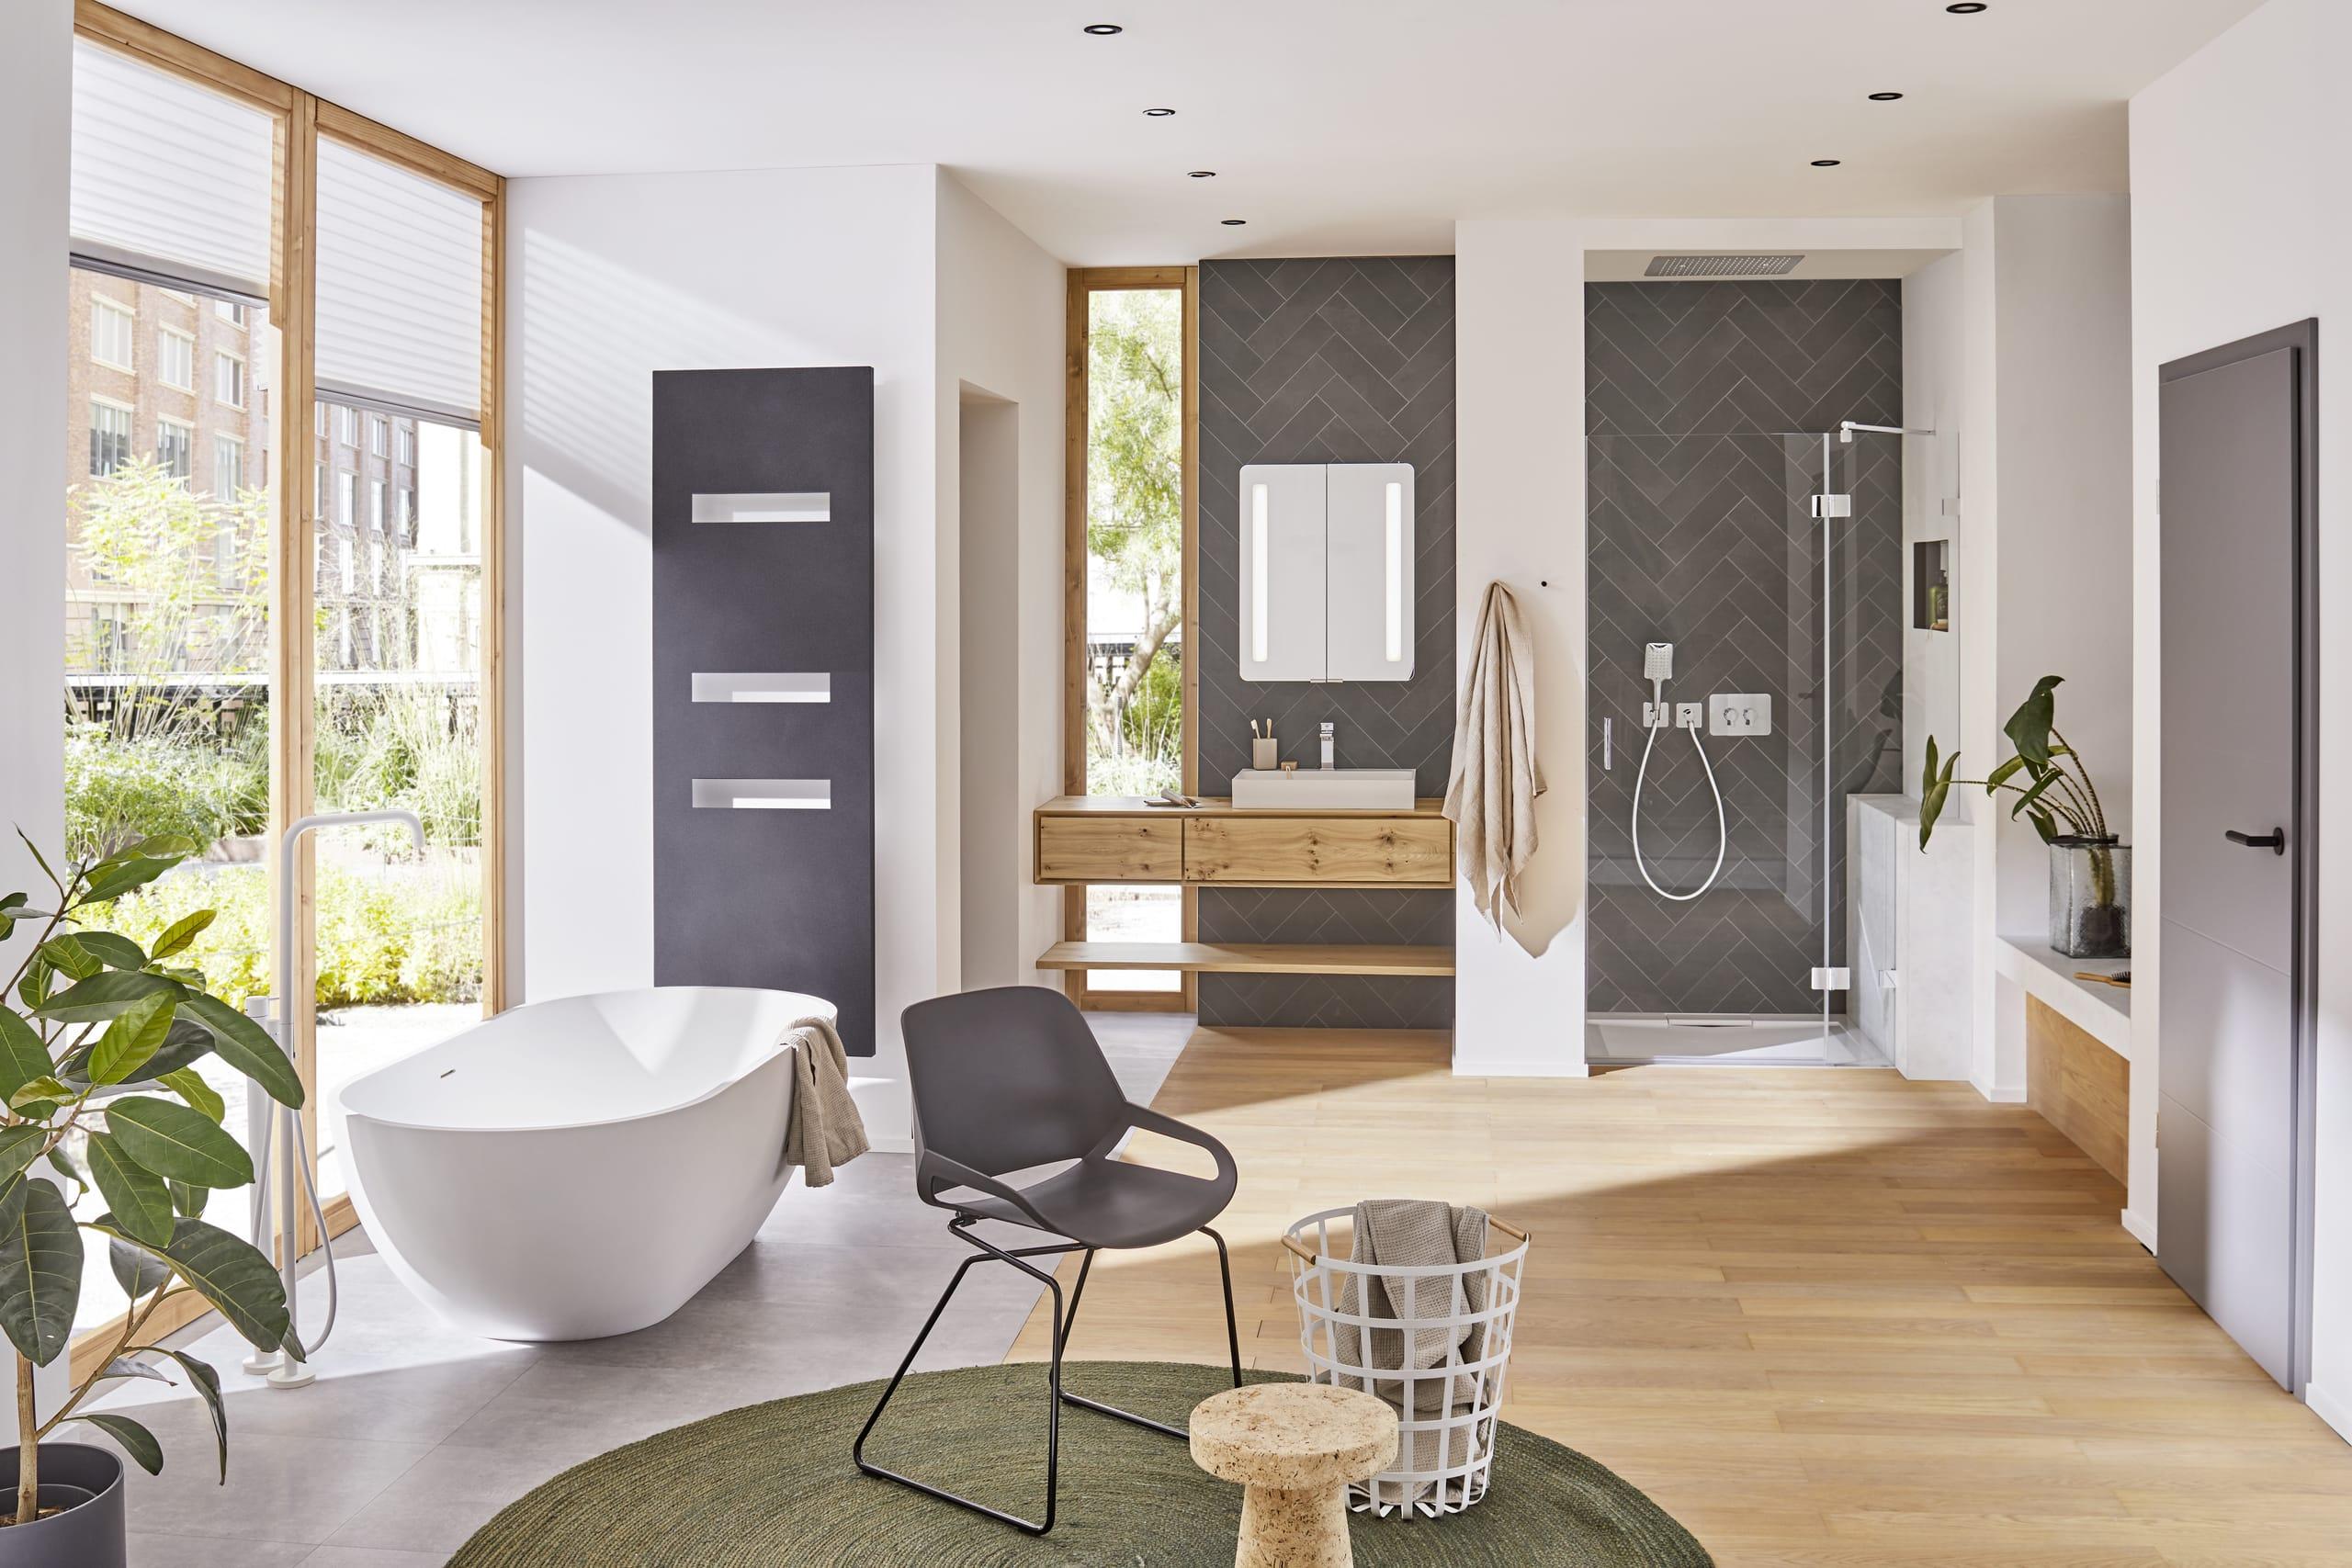 HSK Duschkabinenbau überzeugt mit lösungsorientiertem Handeln